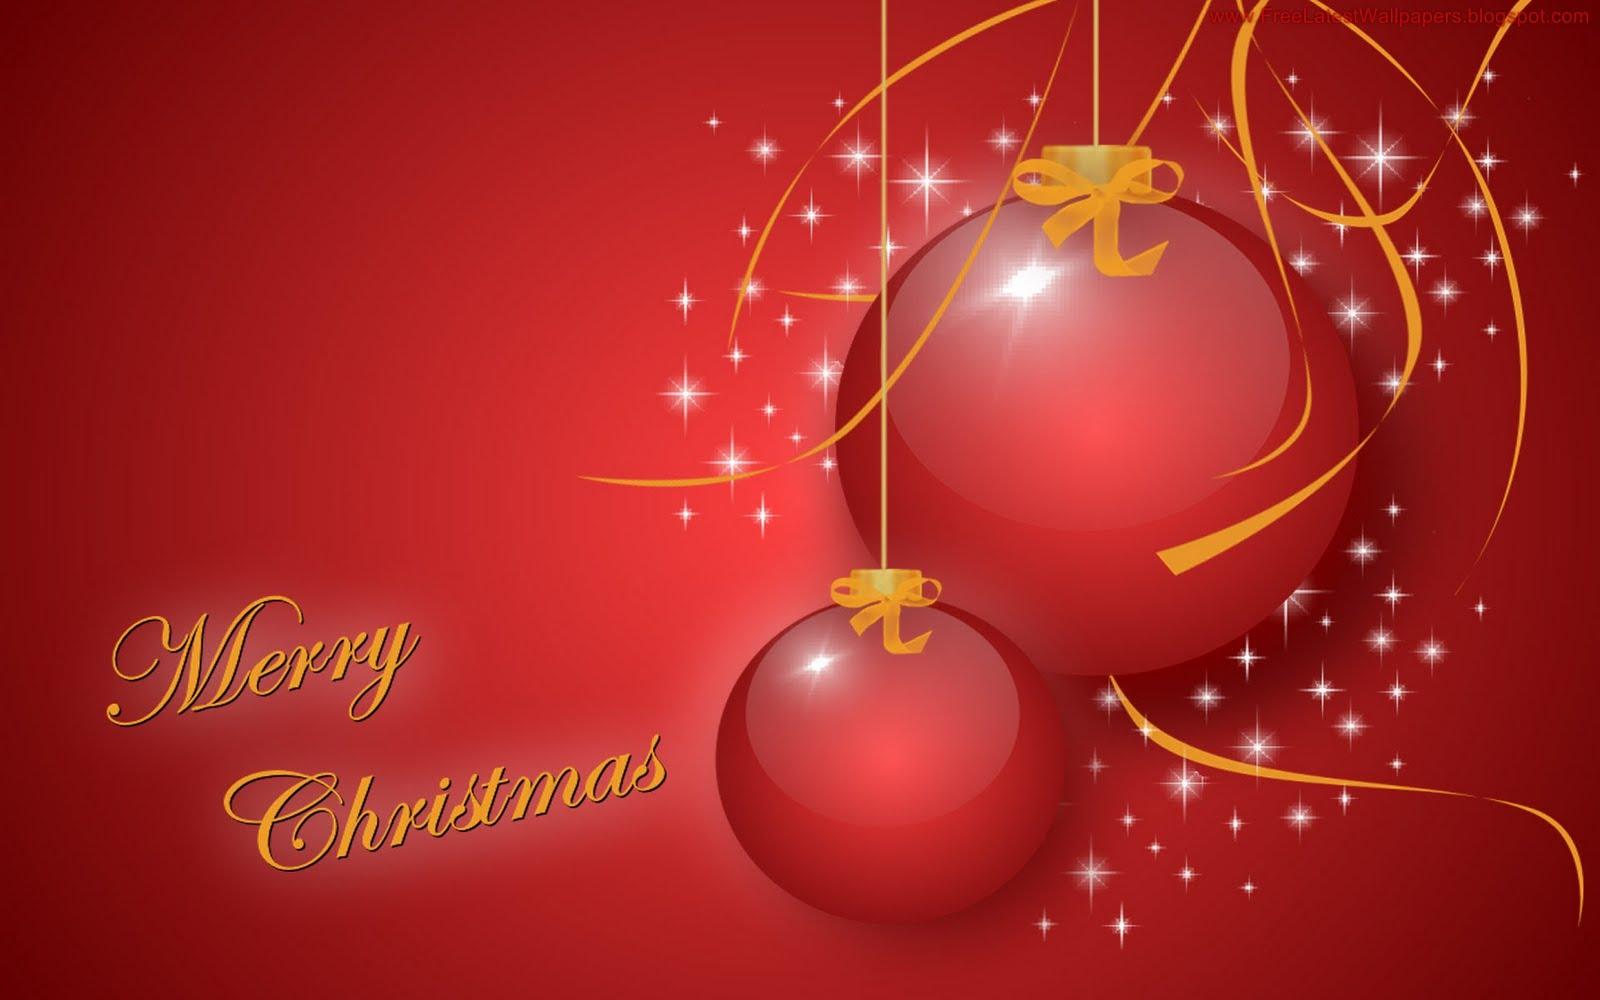 http://1.bp.blogspot.com/-9ZdDZ_o79Io/TuuTneEylFI/AAAAAAAAE3c/6Z-Q6ZS8Y70/s1600/Christmas%2BHD%2BWallpapers.jpg